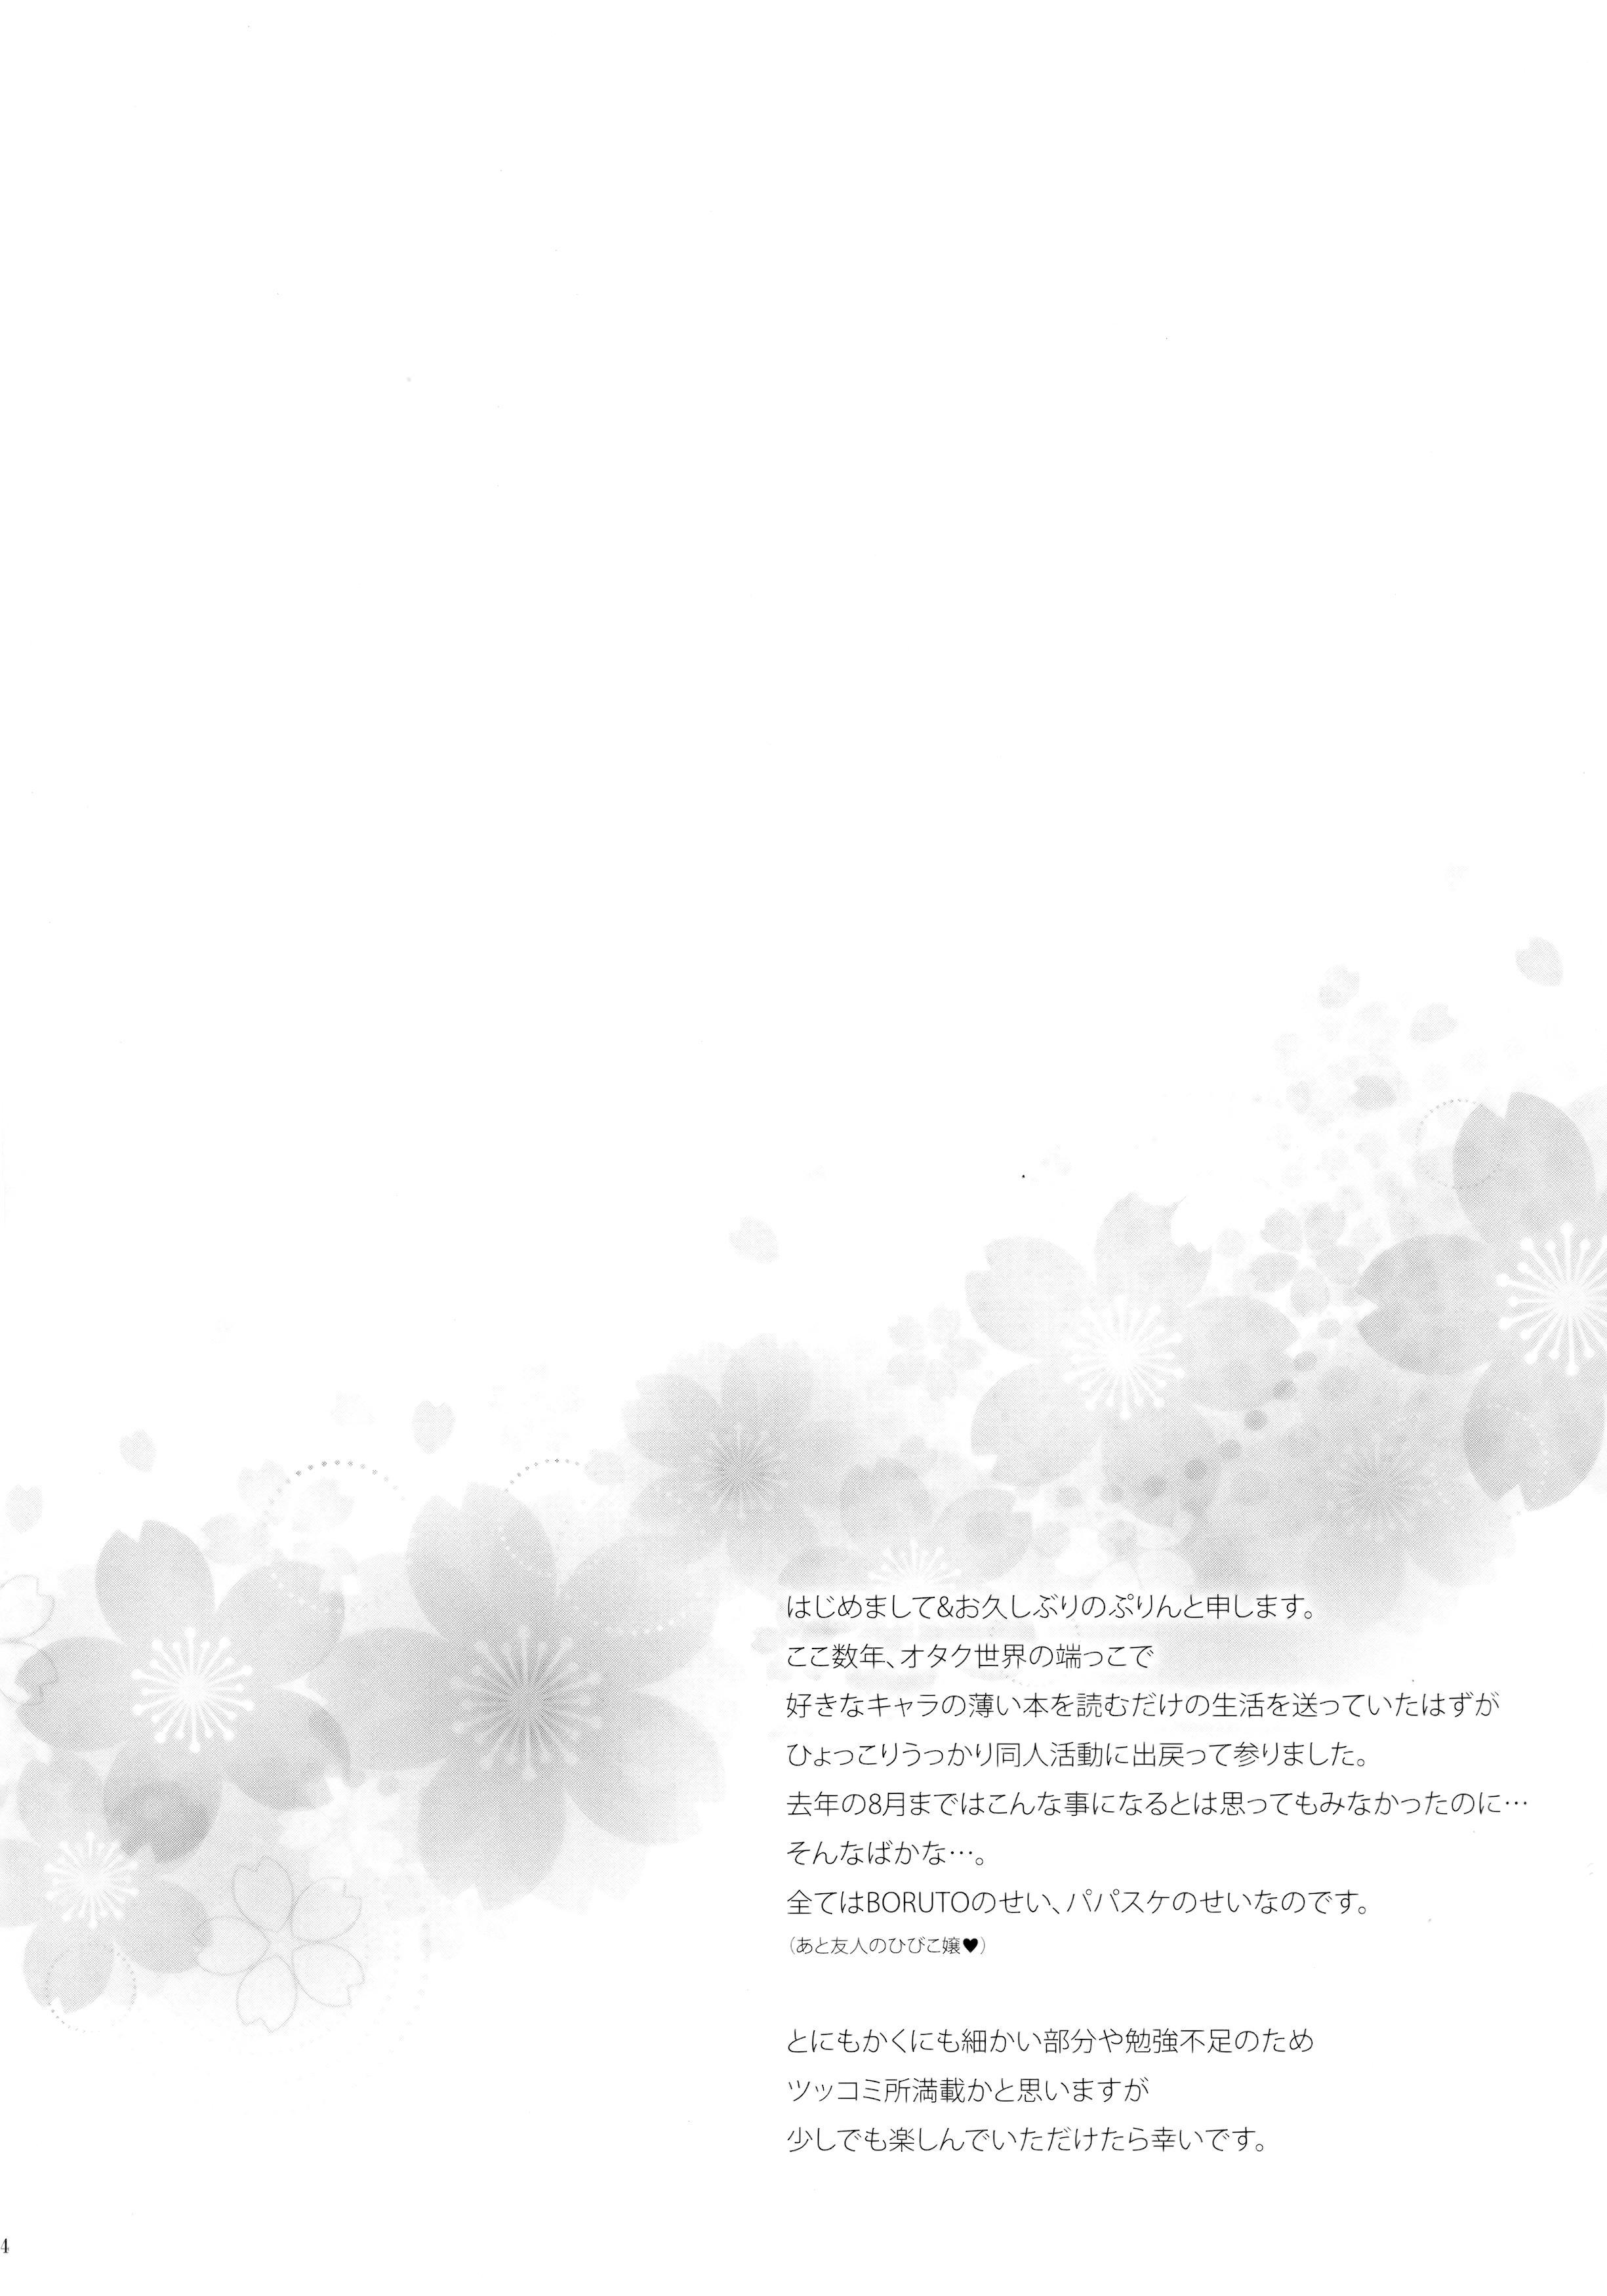 Himitsu no Jikan 2